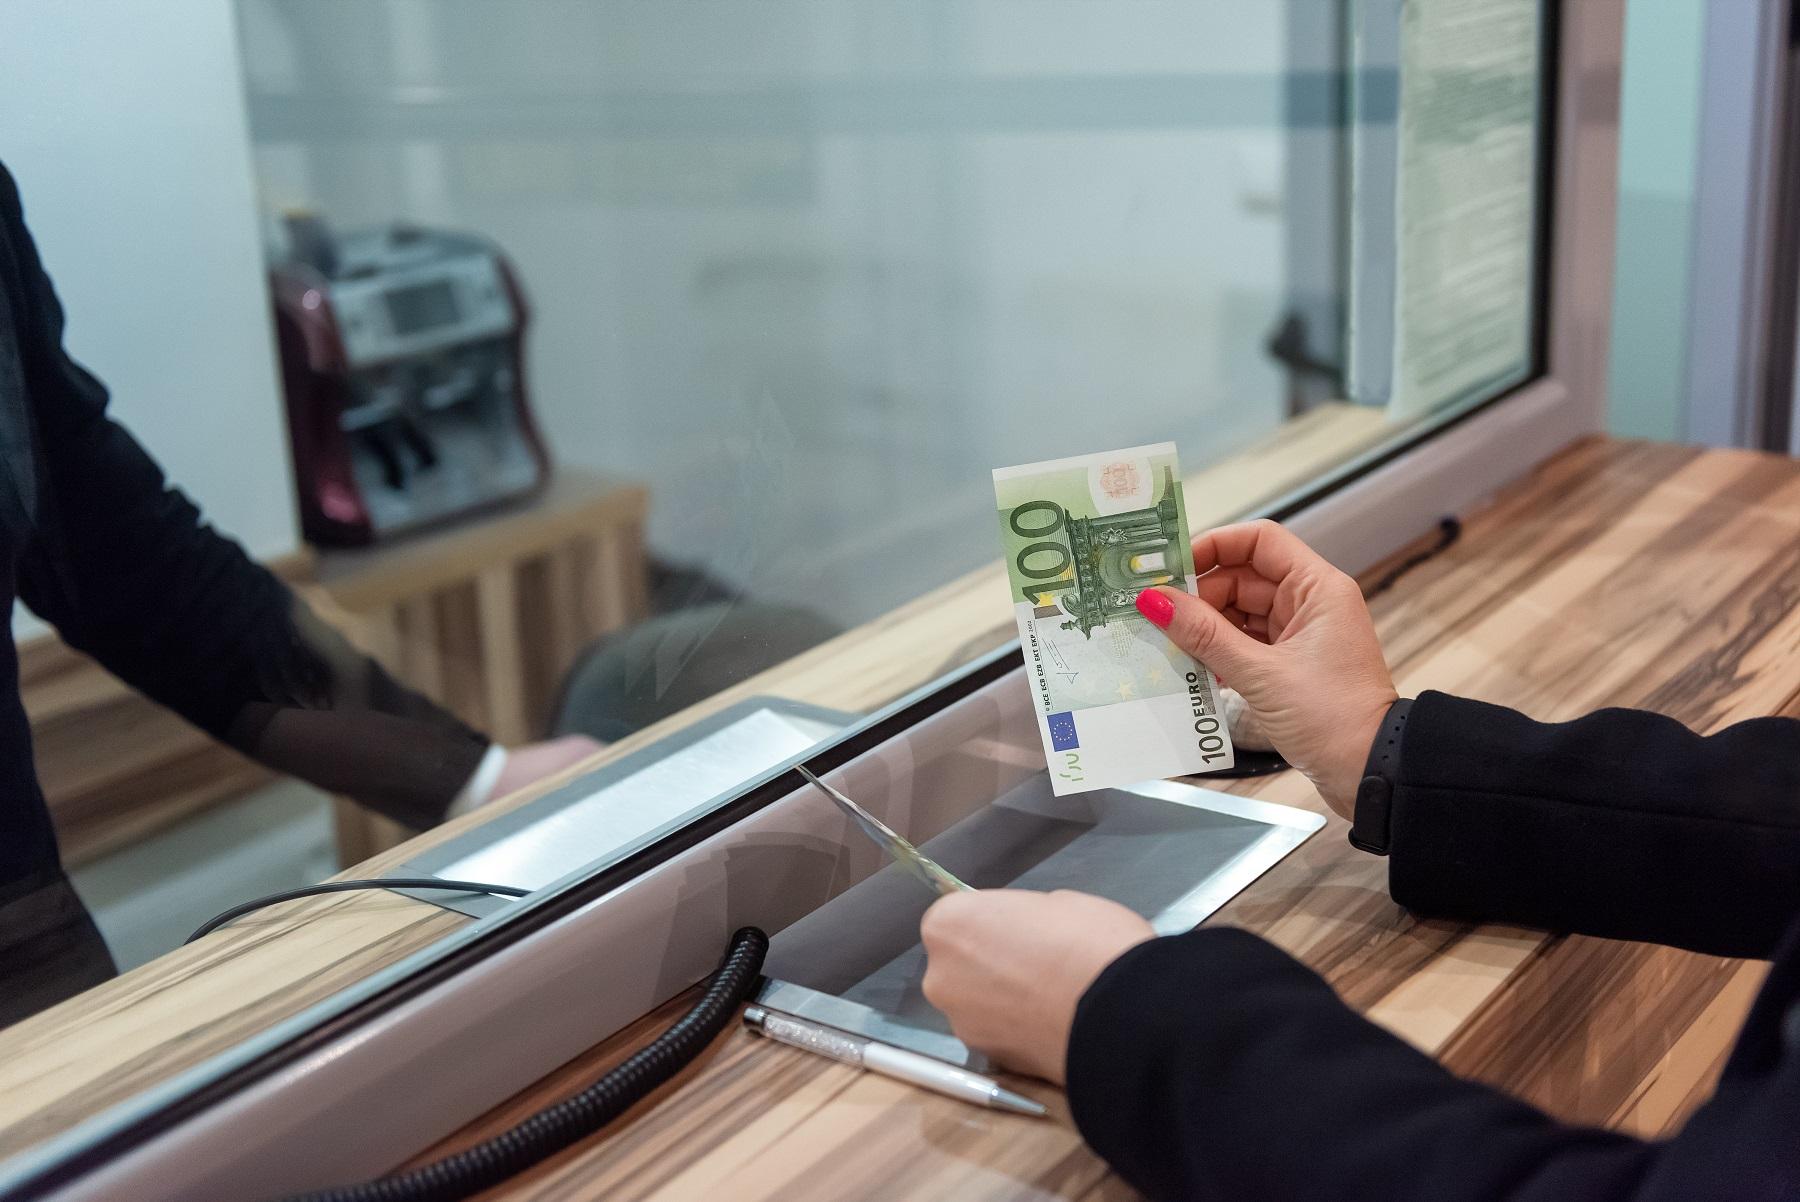 money concept 422HWXP #экономика featured, денежные переводы, коронавирус, трудовая миграция, Трудовой кодекс Грузии